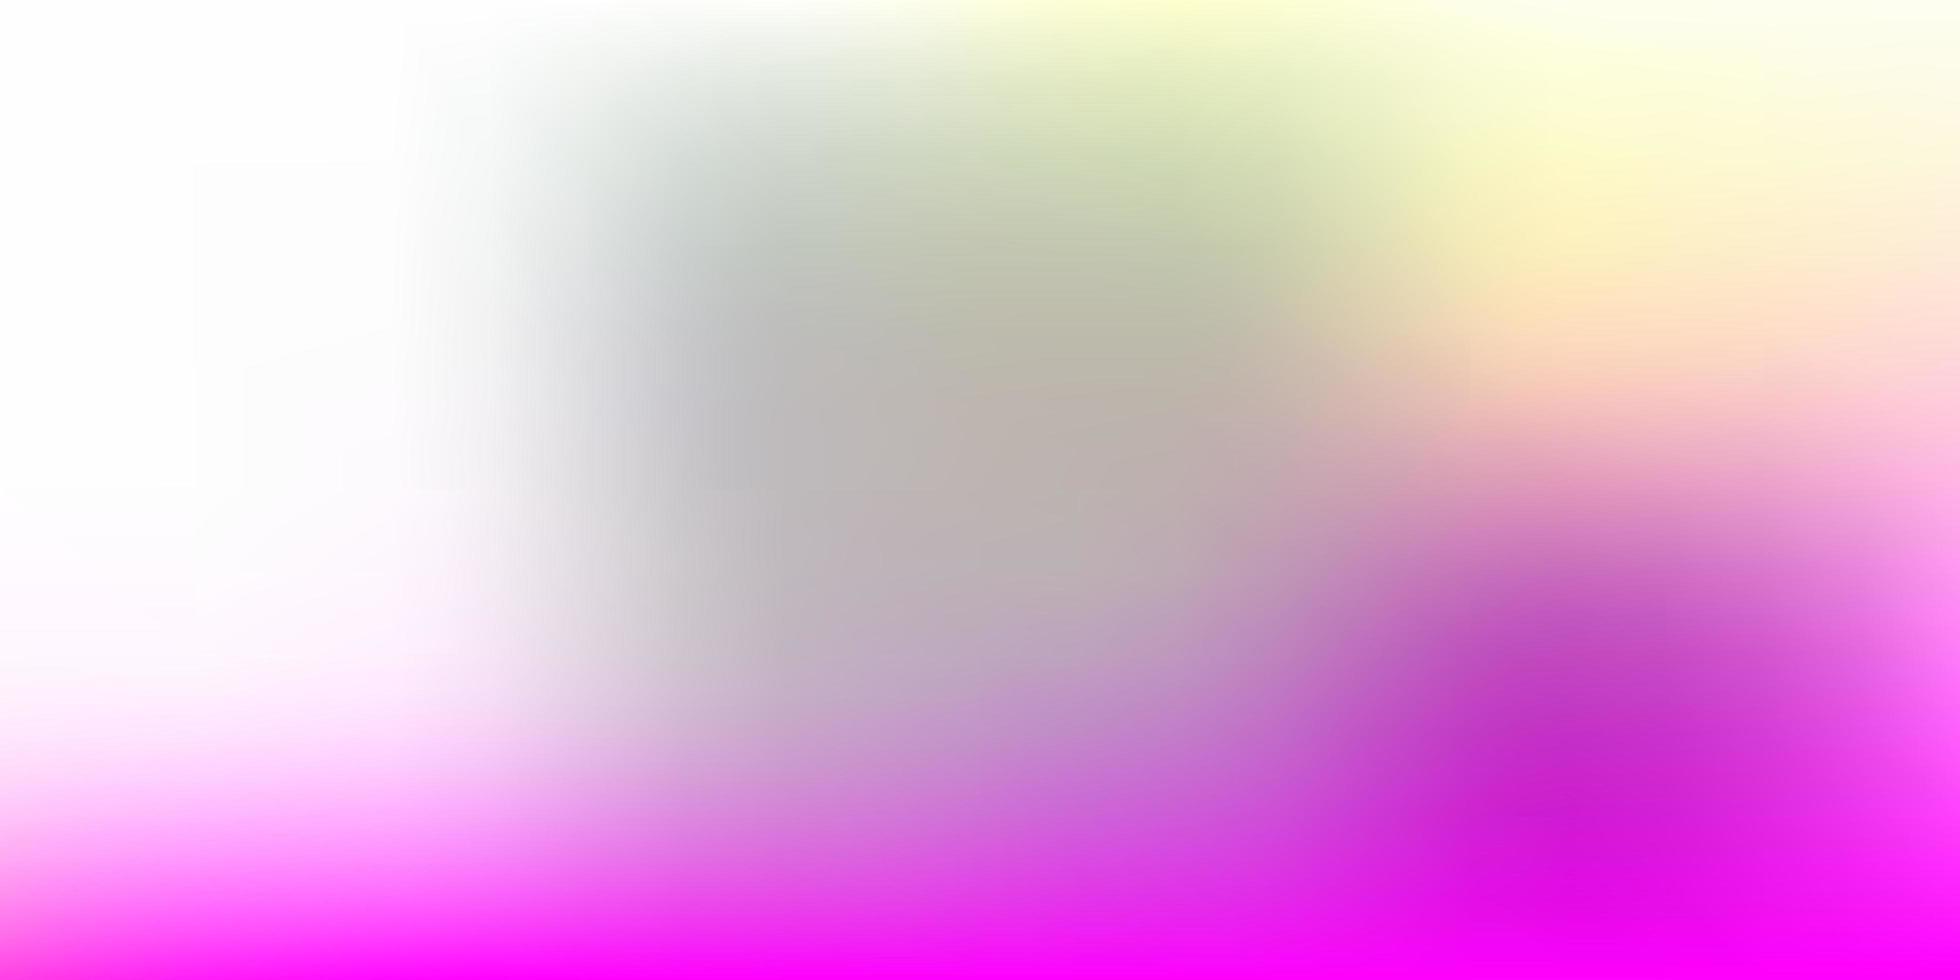 padrão de desfoque gradiente de vetor rosa claro e amarelo.